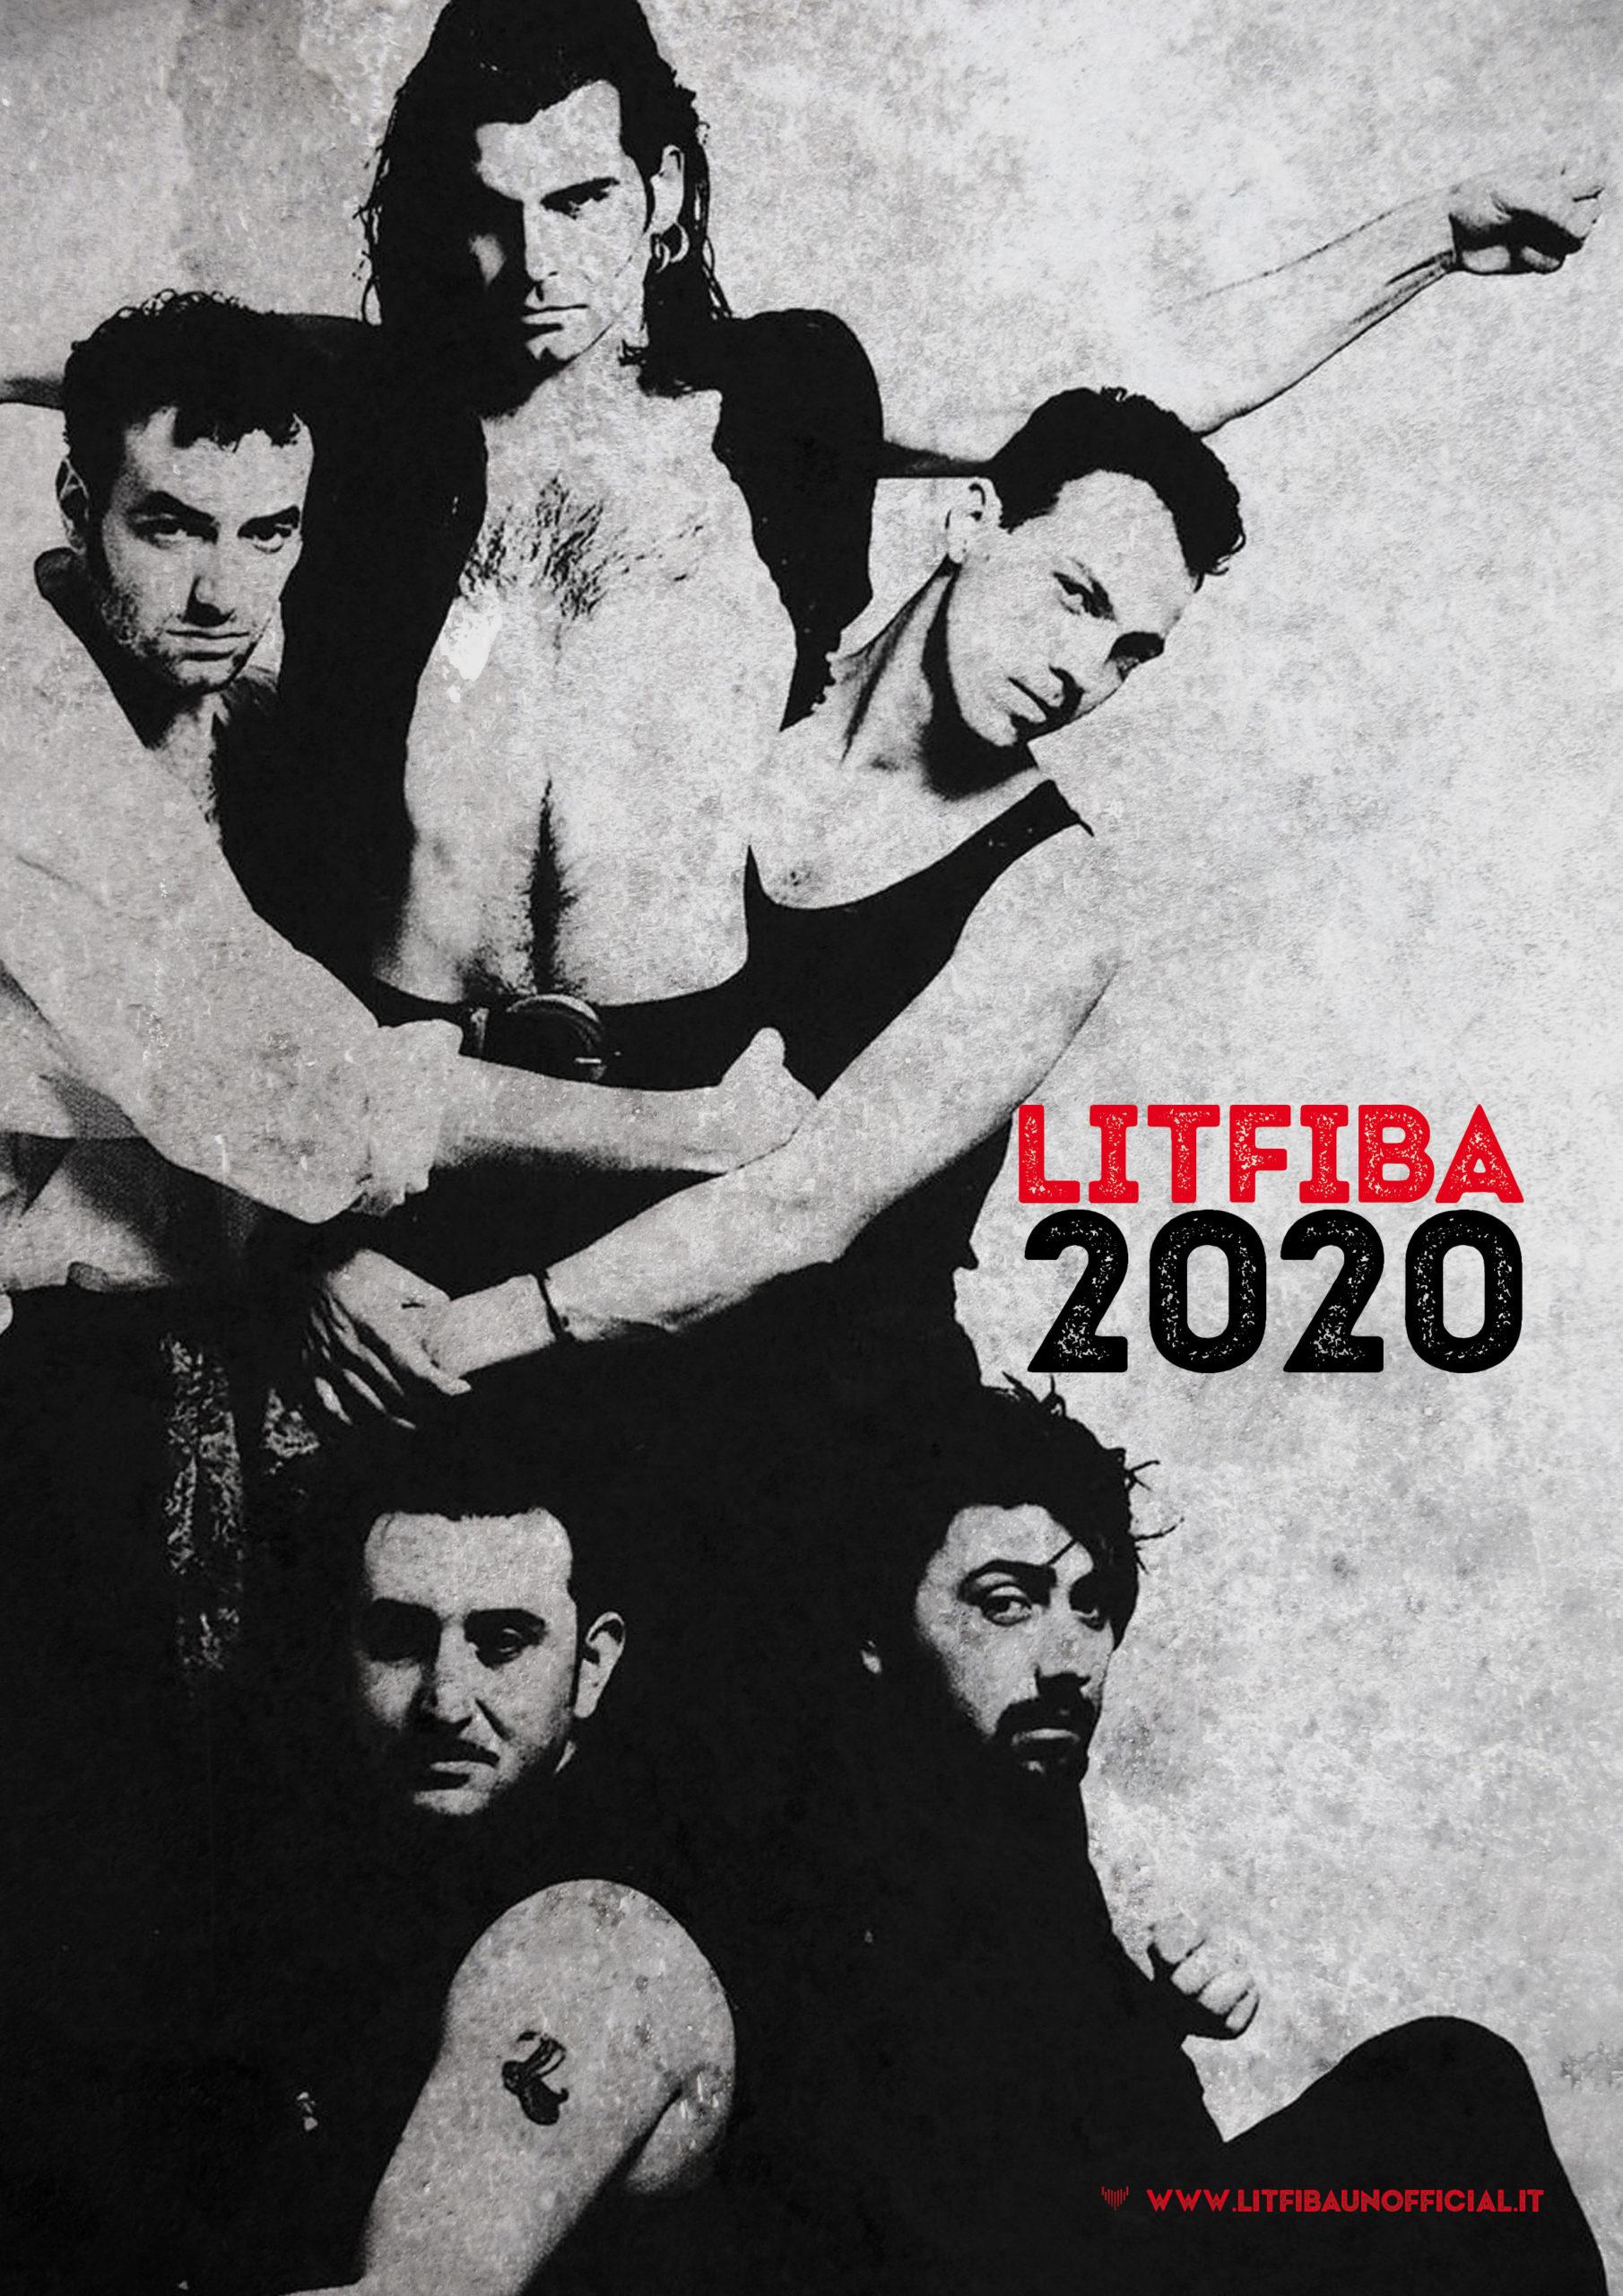 calendario litfiba 2020